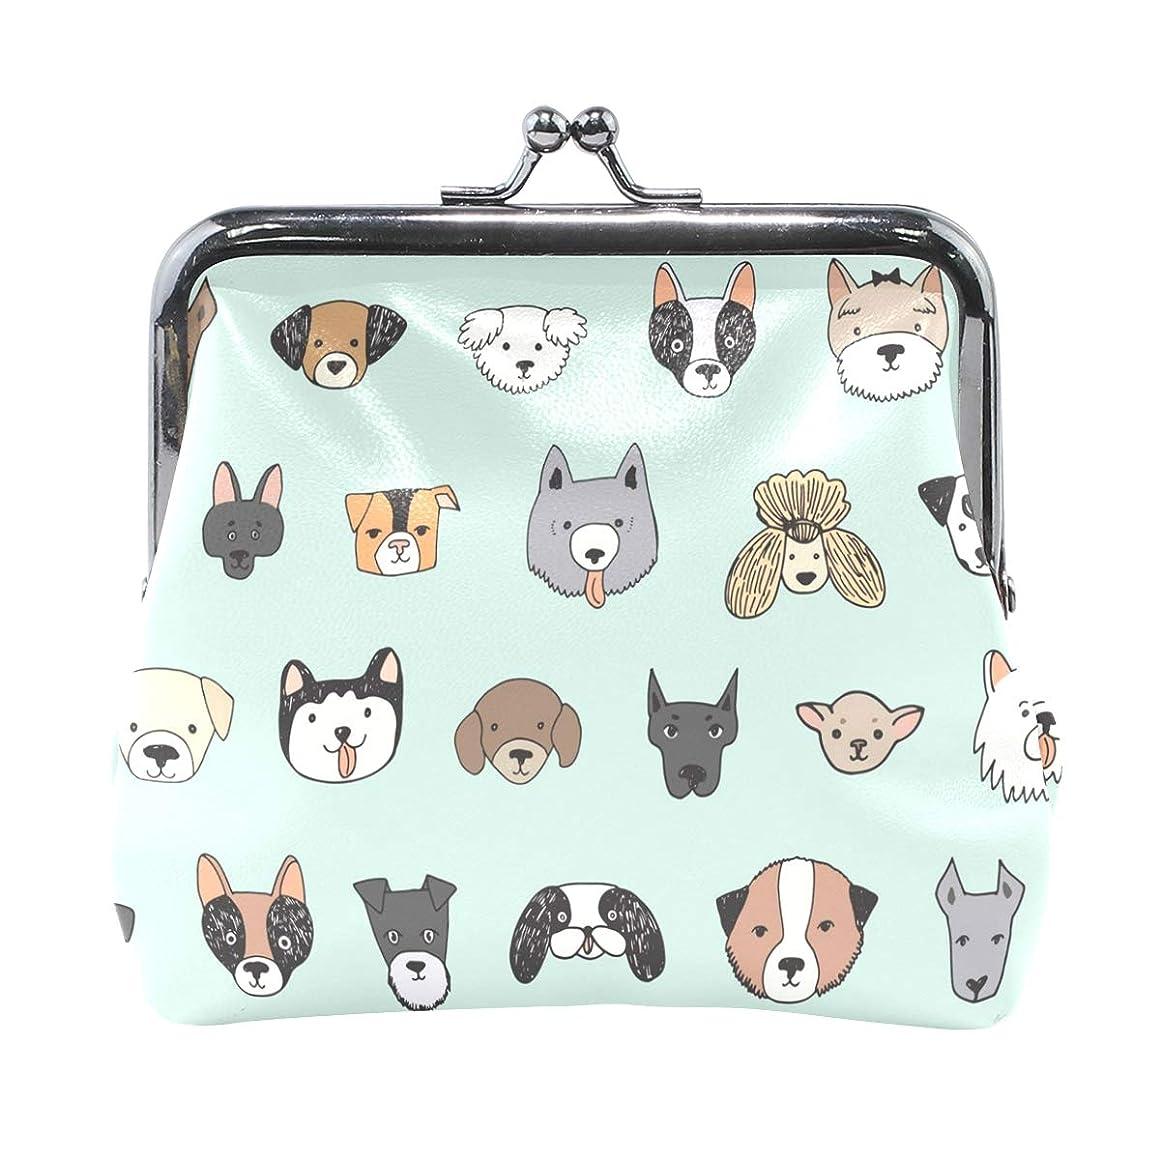 フェザースタック聖なるがま口 財布 口金 小銭入れ ポーチ 動物 犬 猫 ANNSIN バッグ かわいい 高級レザー レディース プレゼント ほど良いサイズ